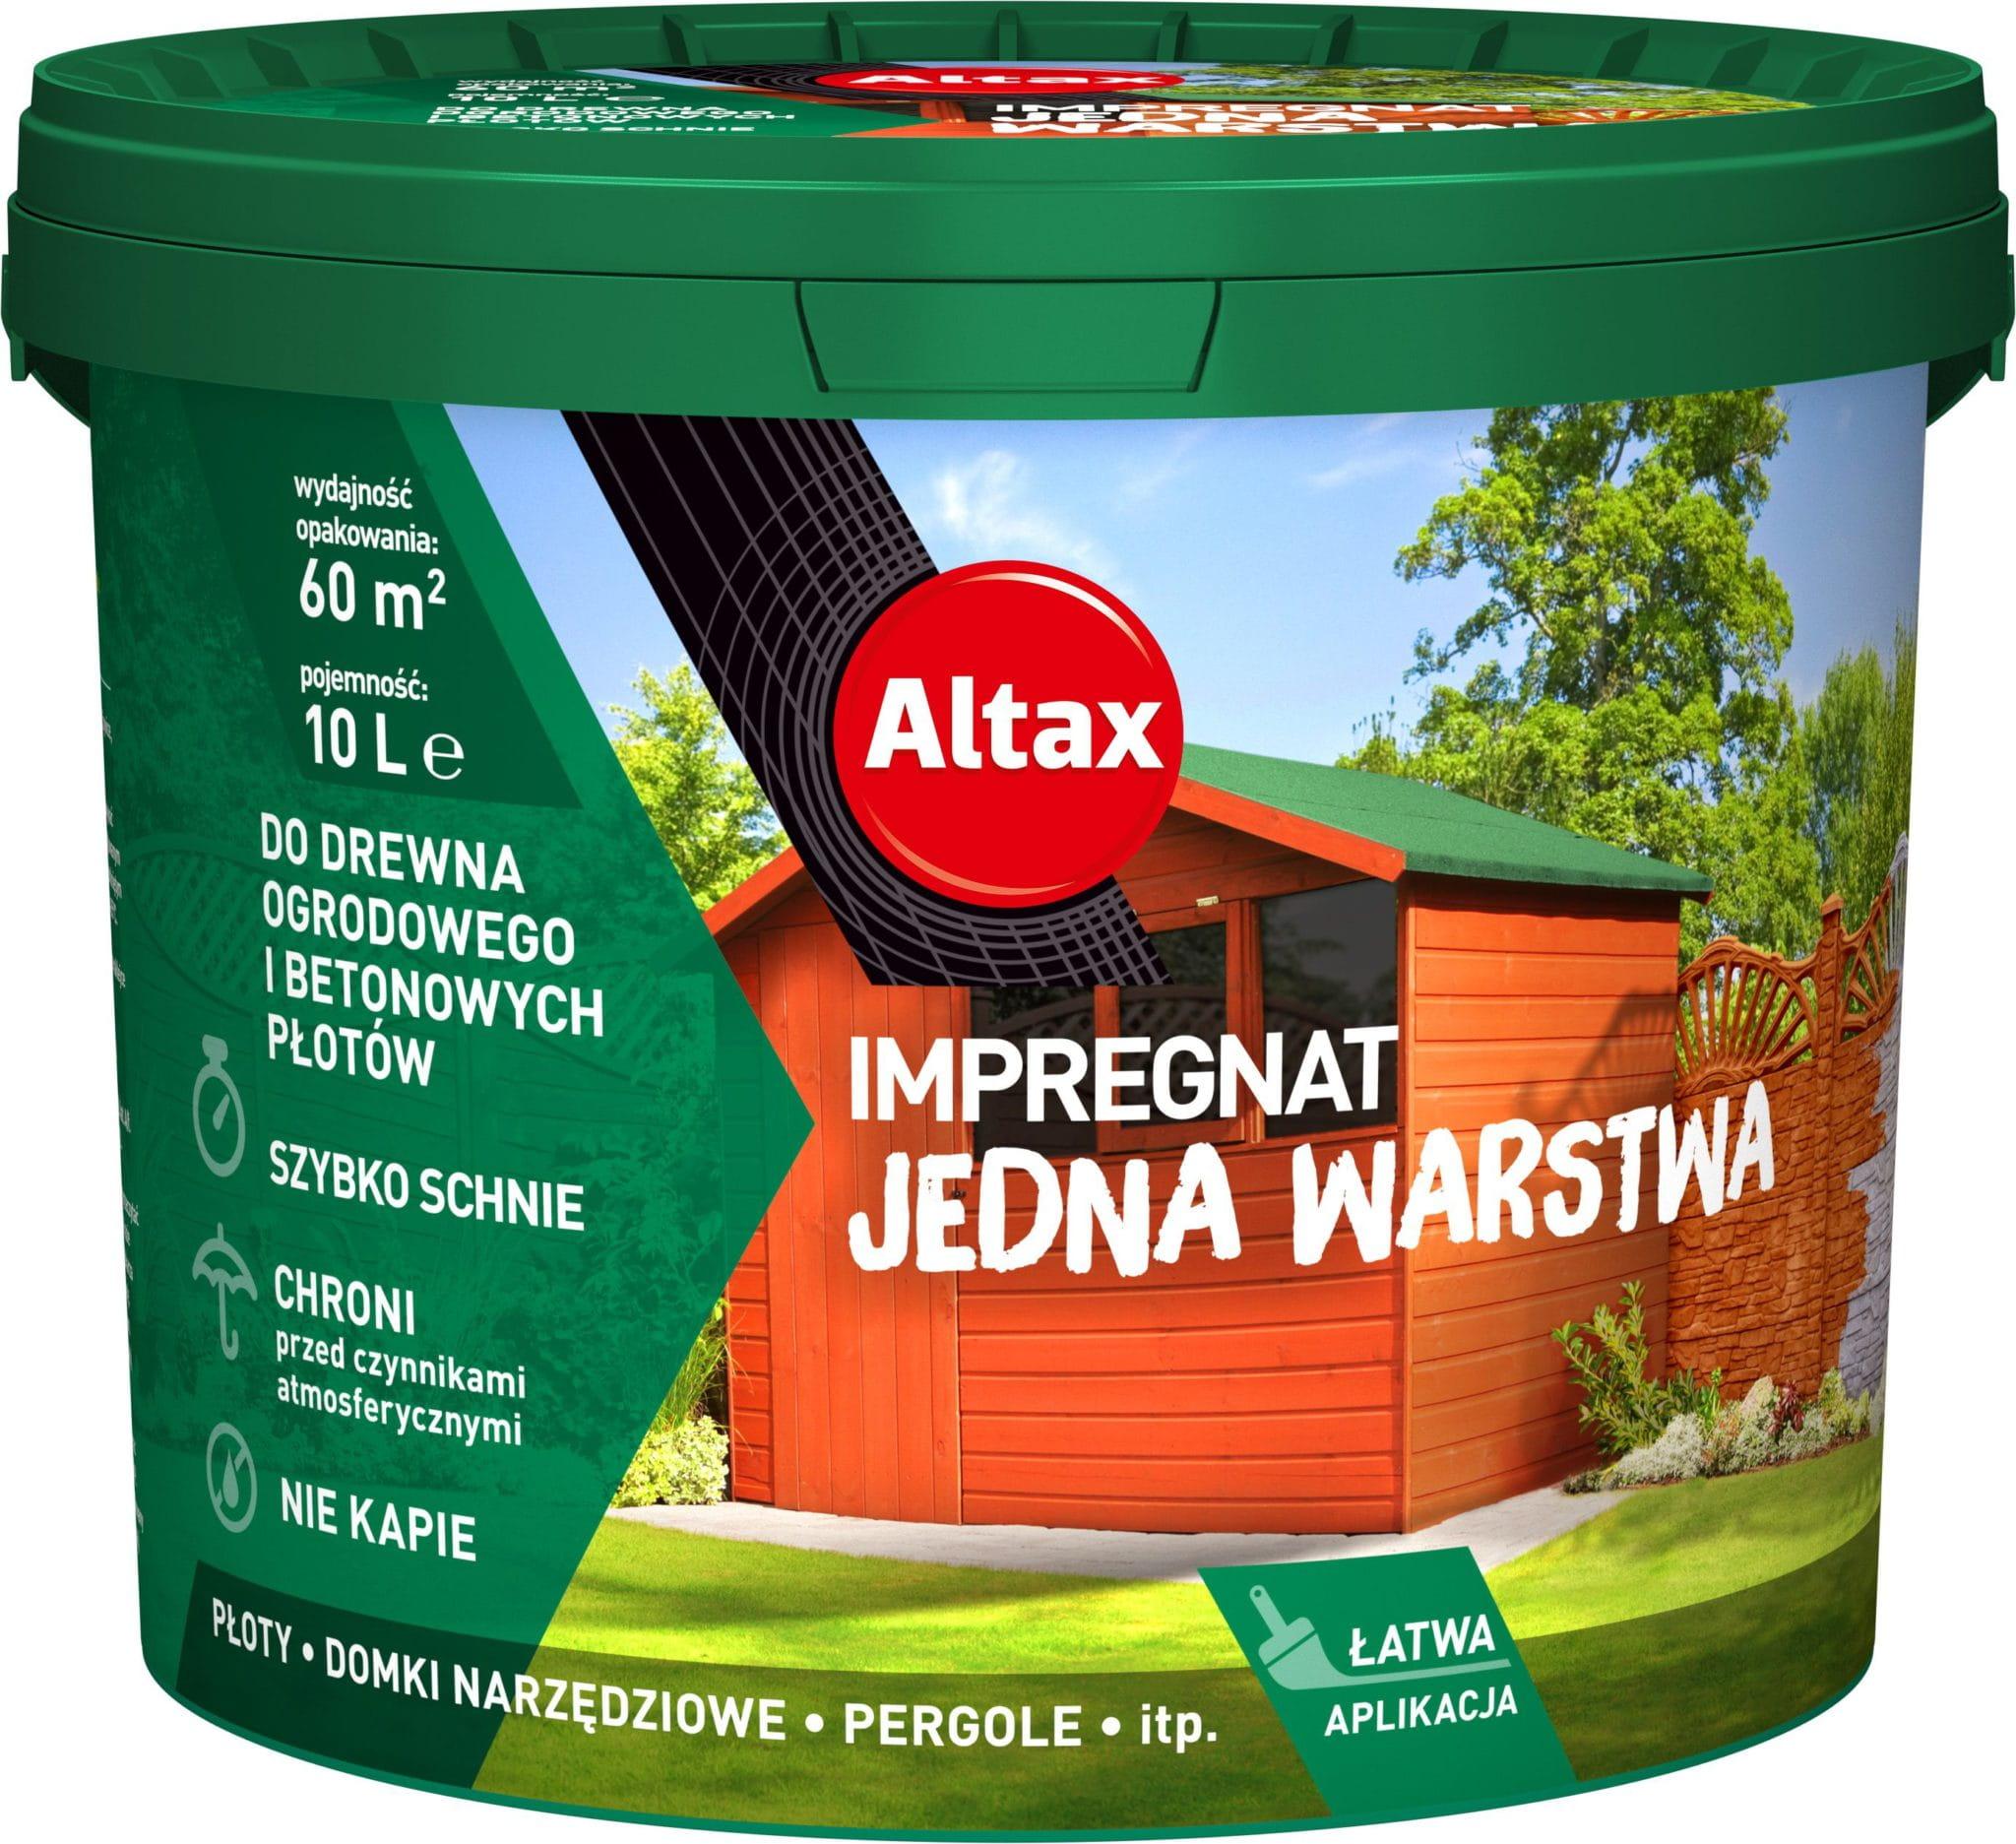 Altax Impregnat Do Drewna Ogrodowego Jedna Warstwa 10L Mahoń